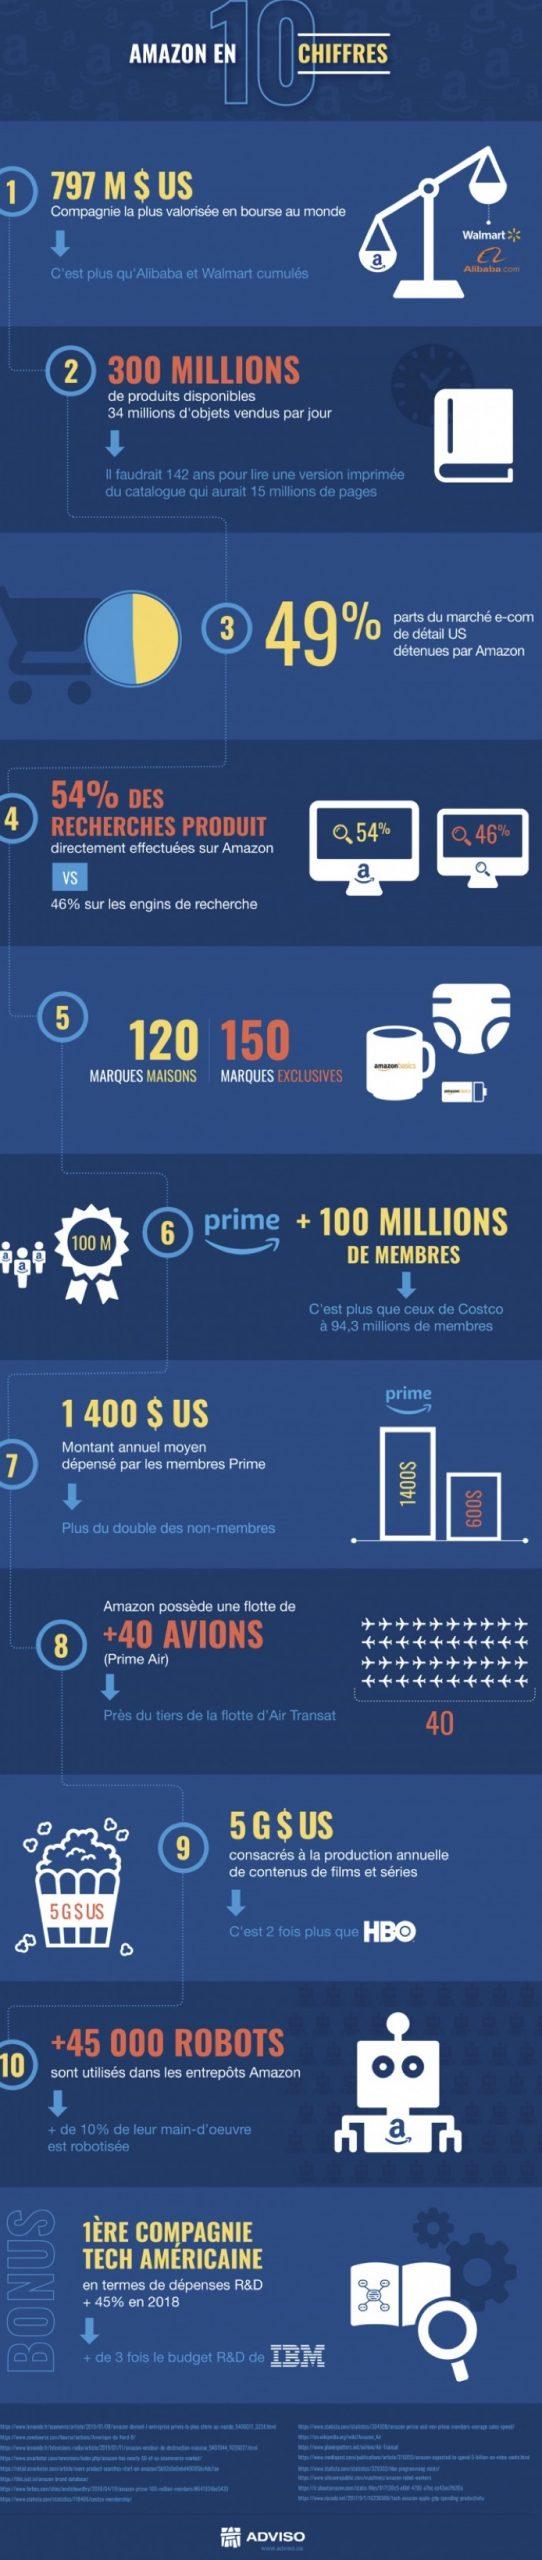 Une infographie sur Amazon